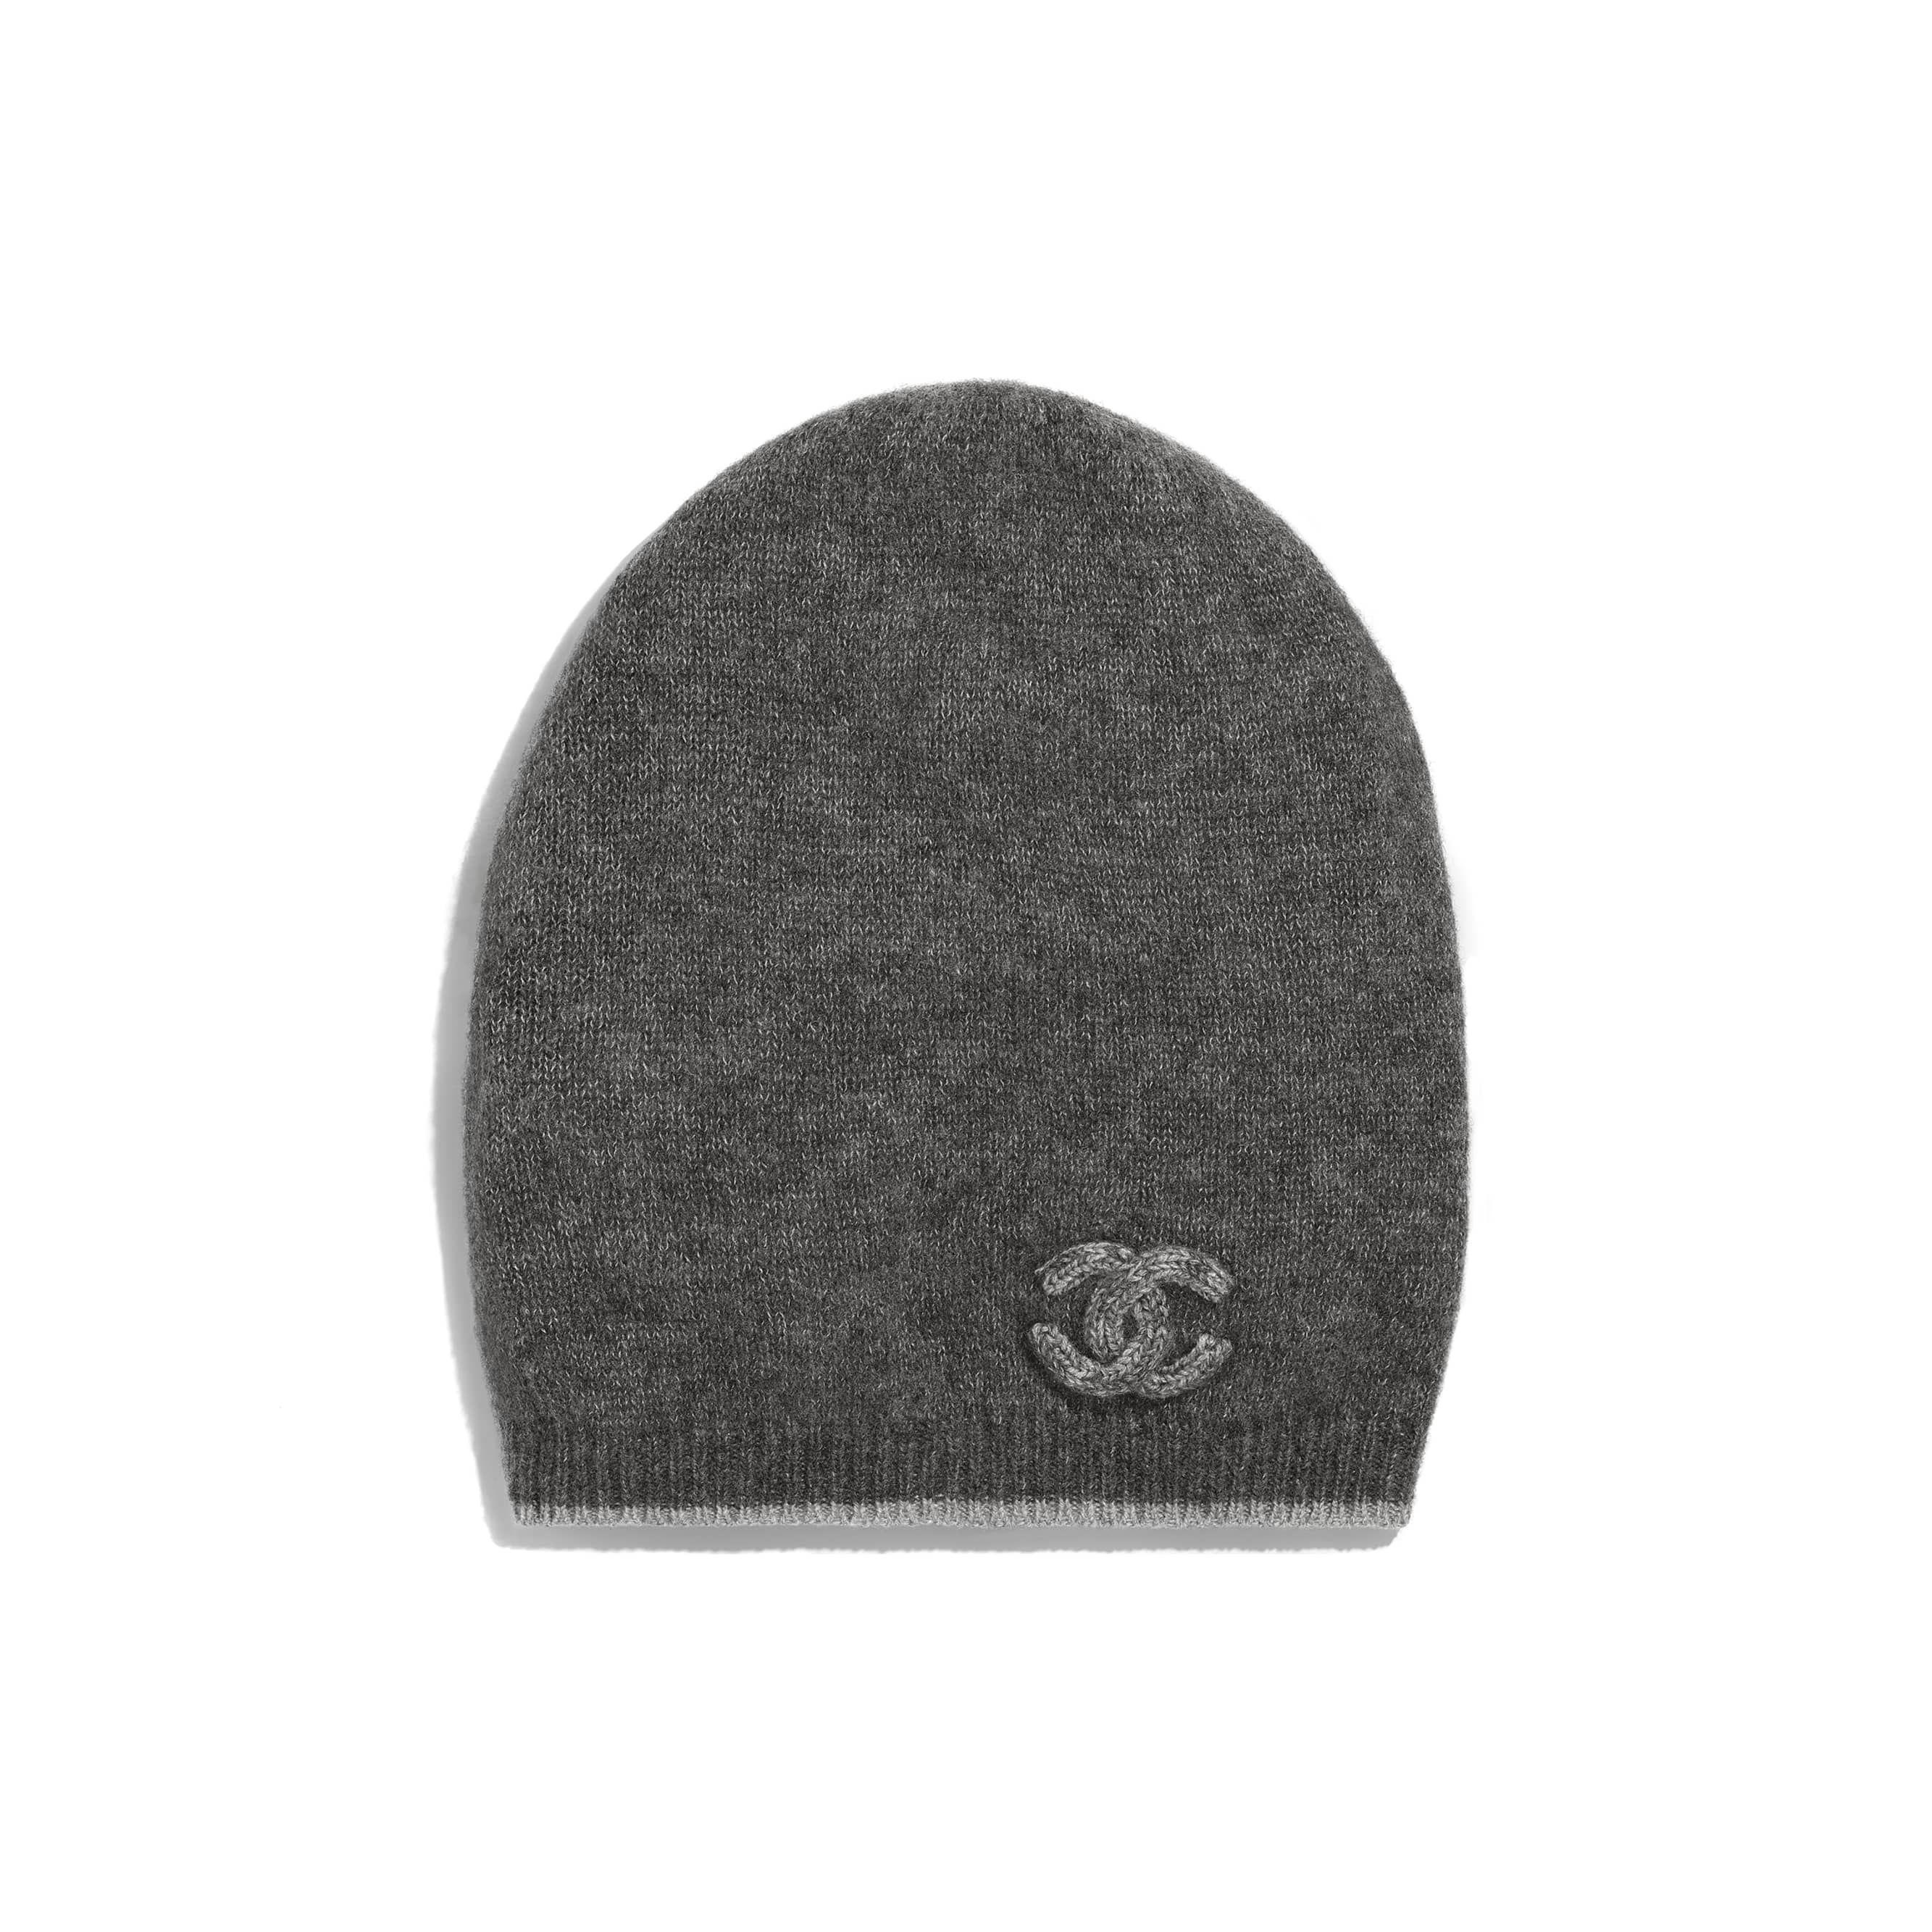 278fa47fe Chanel - PRE FW2018/19 | Gray cashmere & silk beanie ($575) | HATS ...